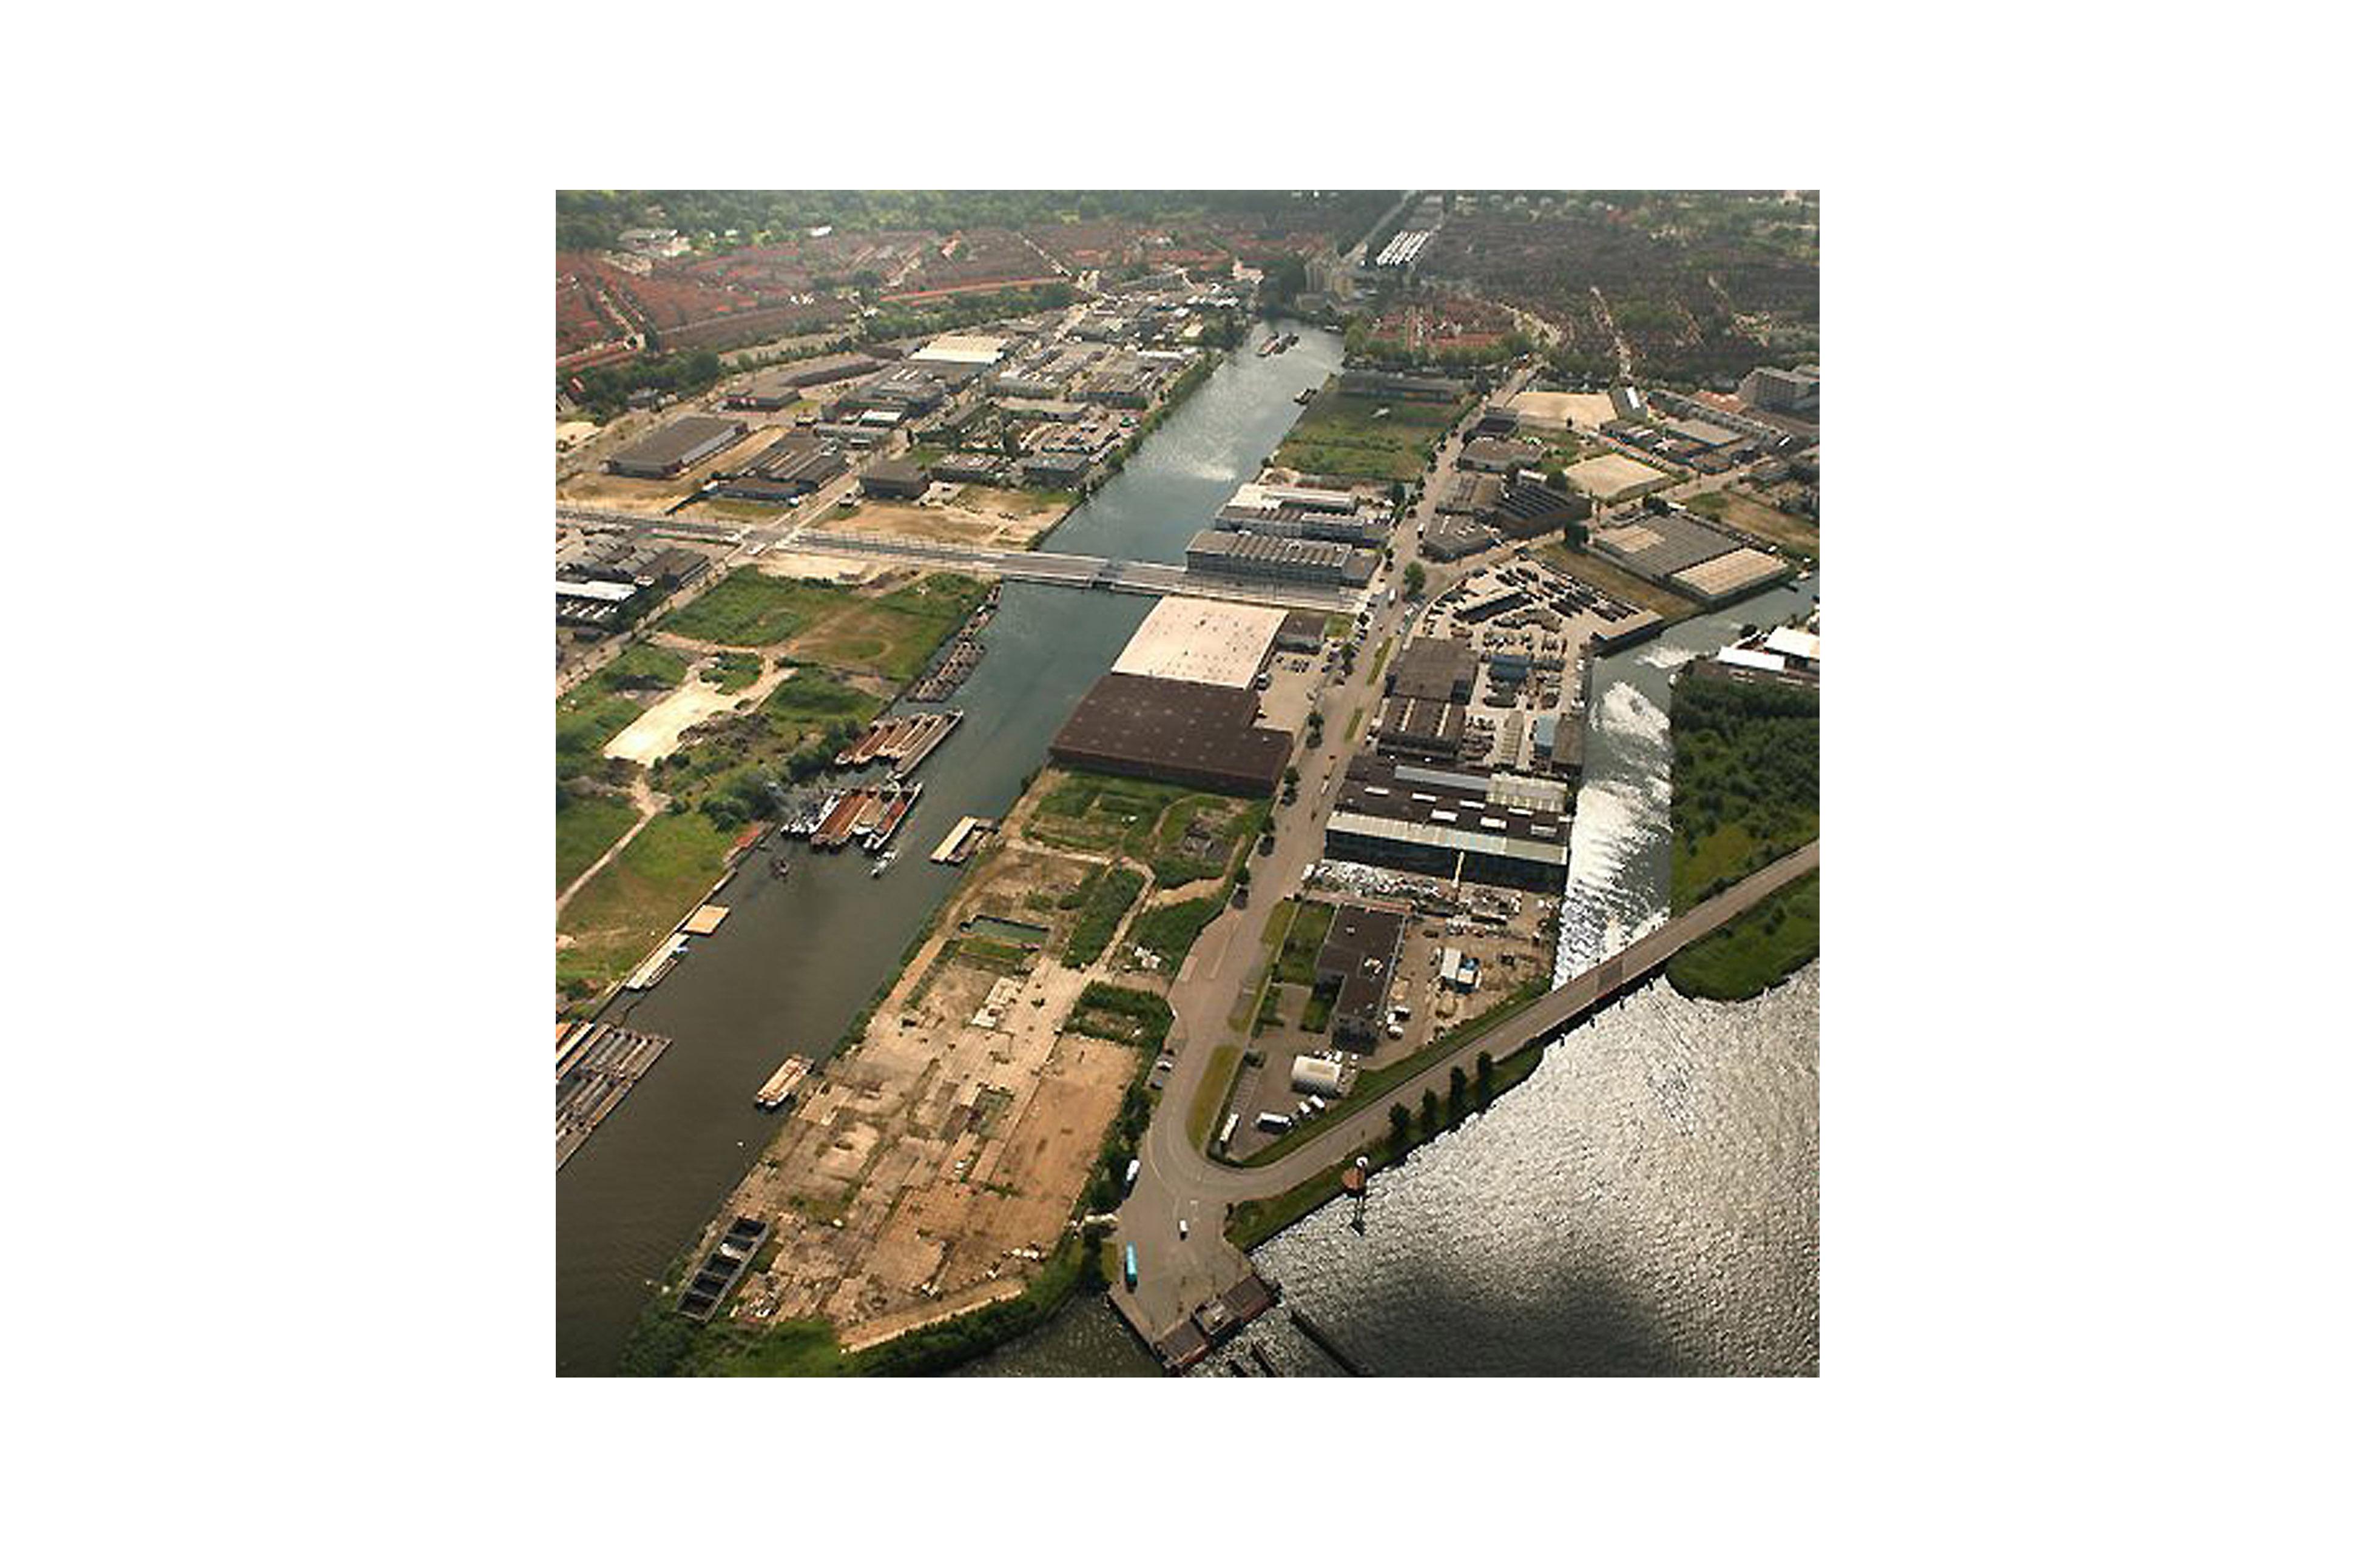 PUUUR&CO CPO Buiksloterham atelier PUUUR zelfbouw luchtfoto Amsterdam Noord